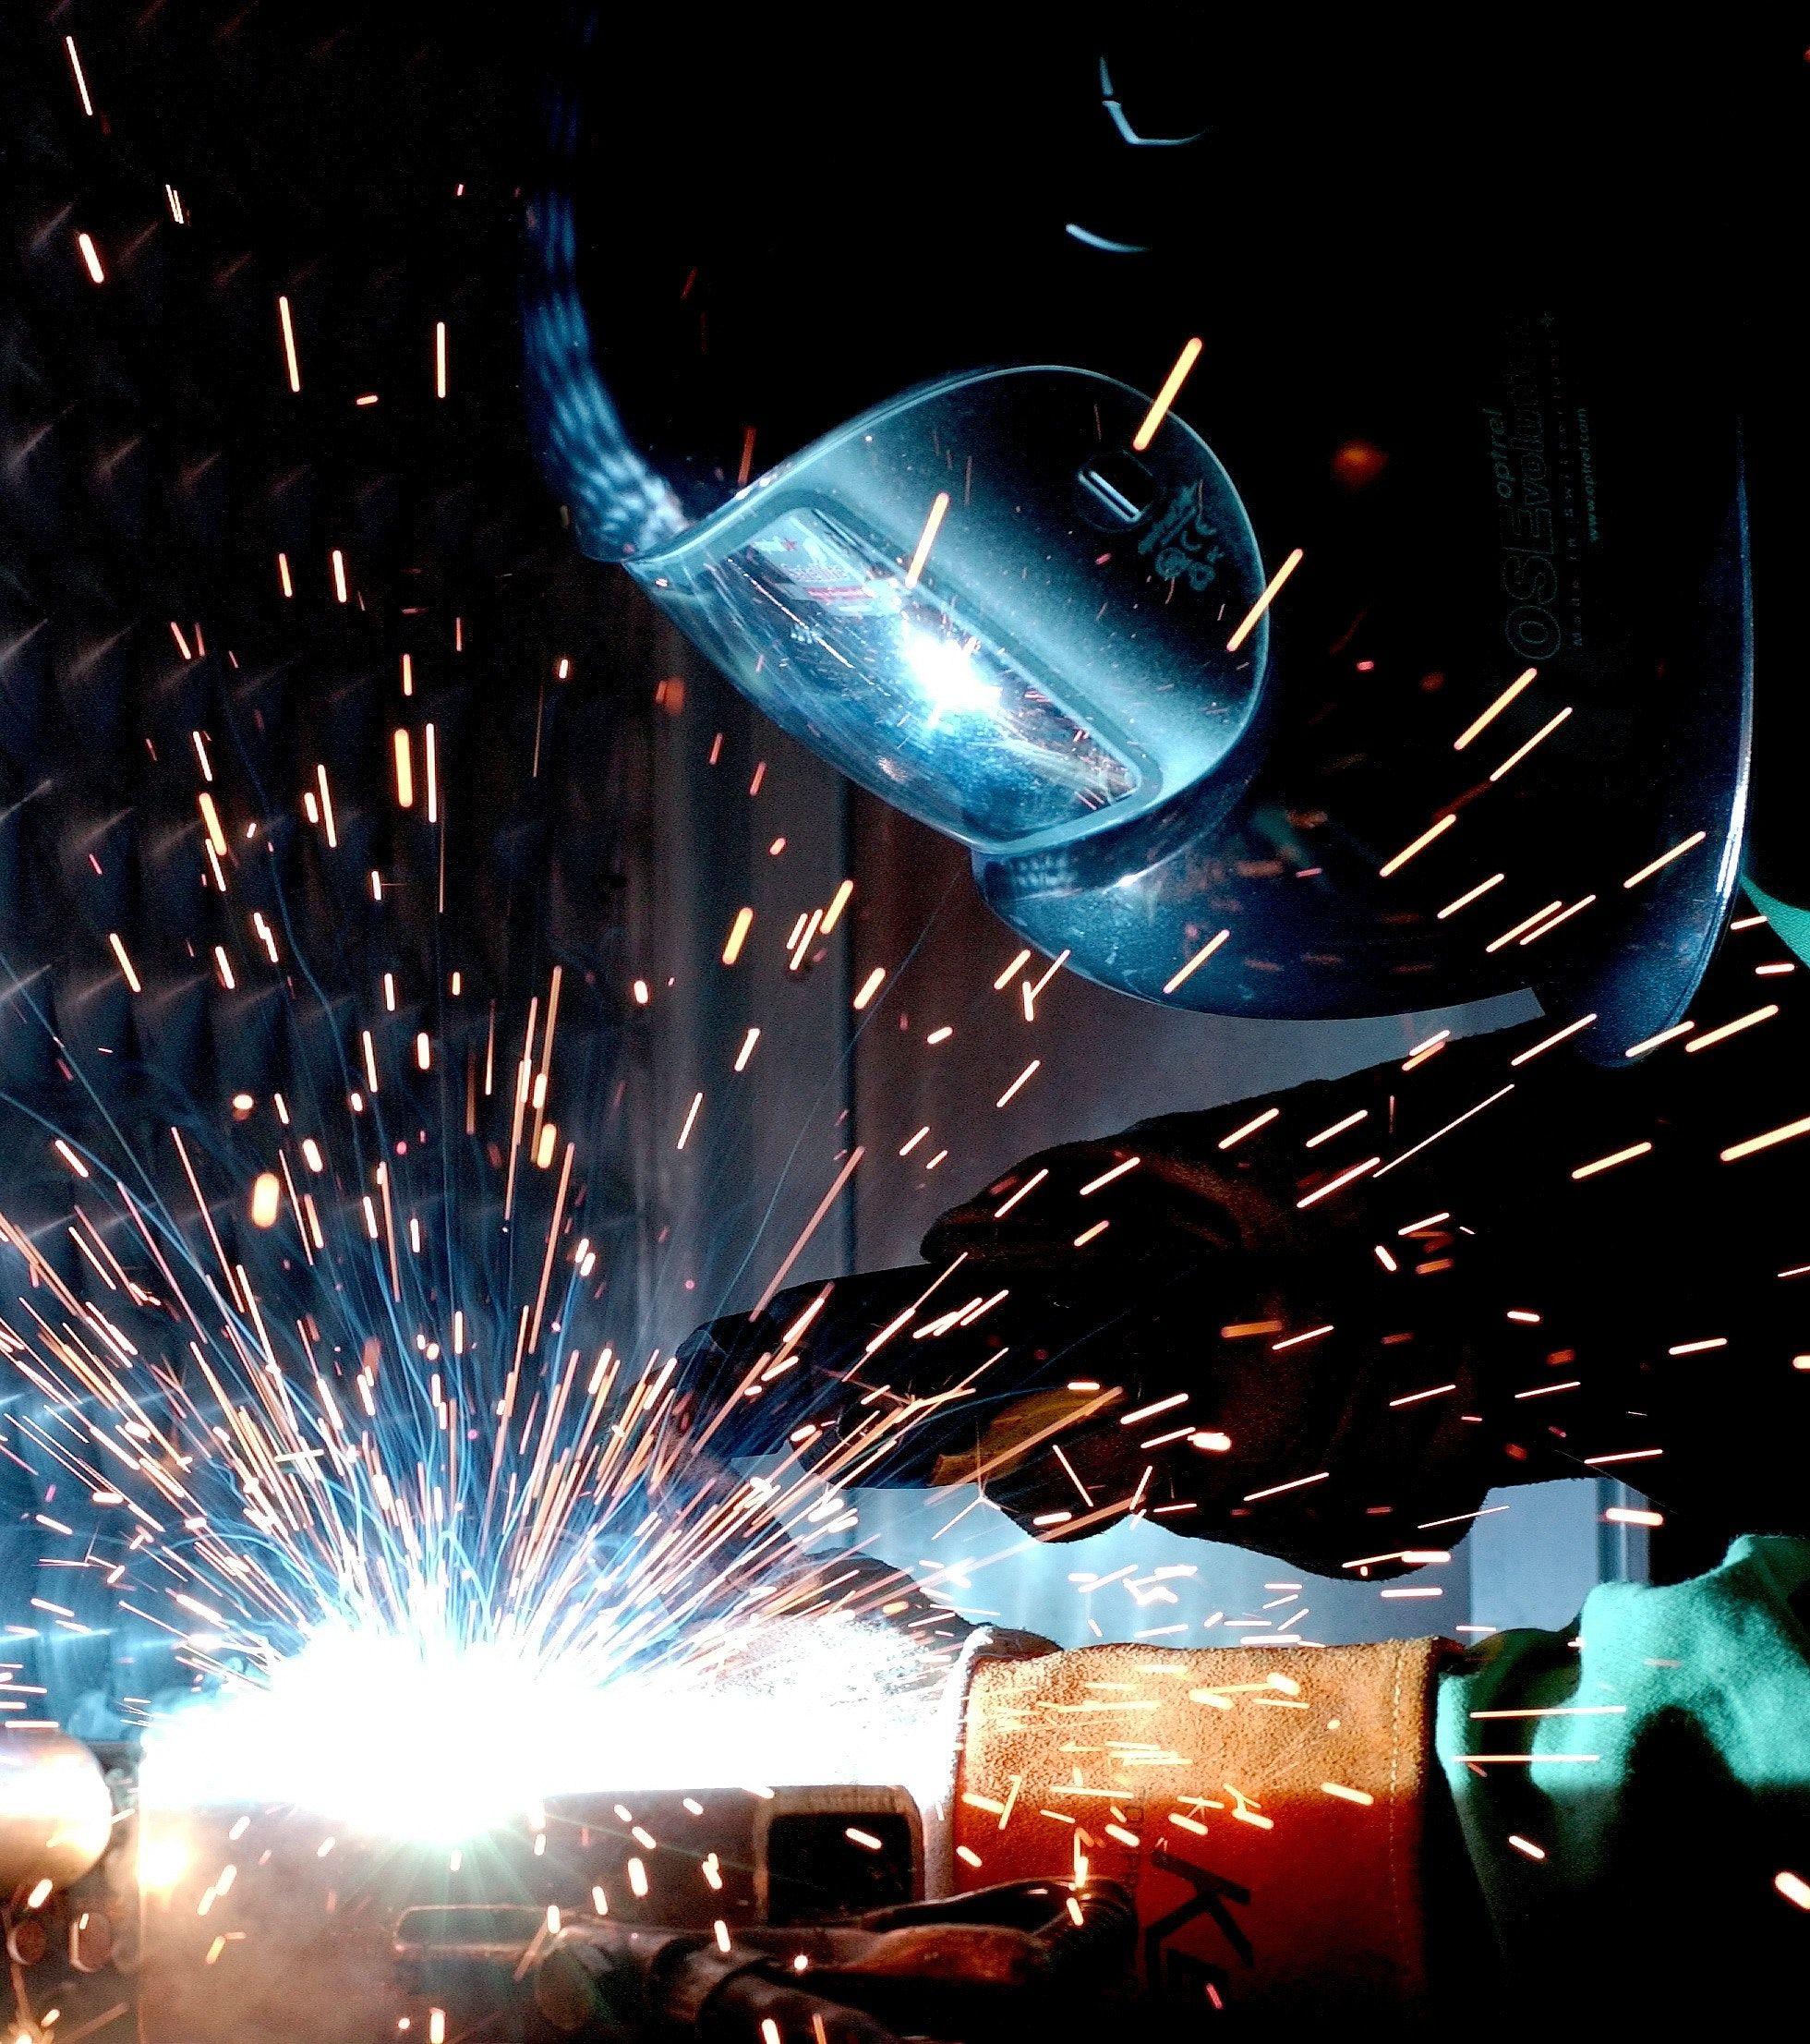 person-sparks-welder-73833-compressor